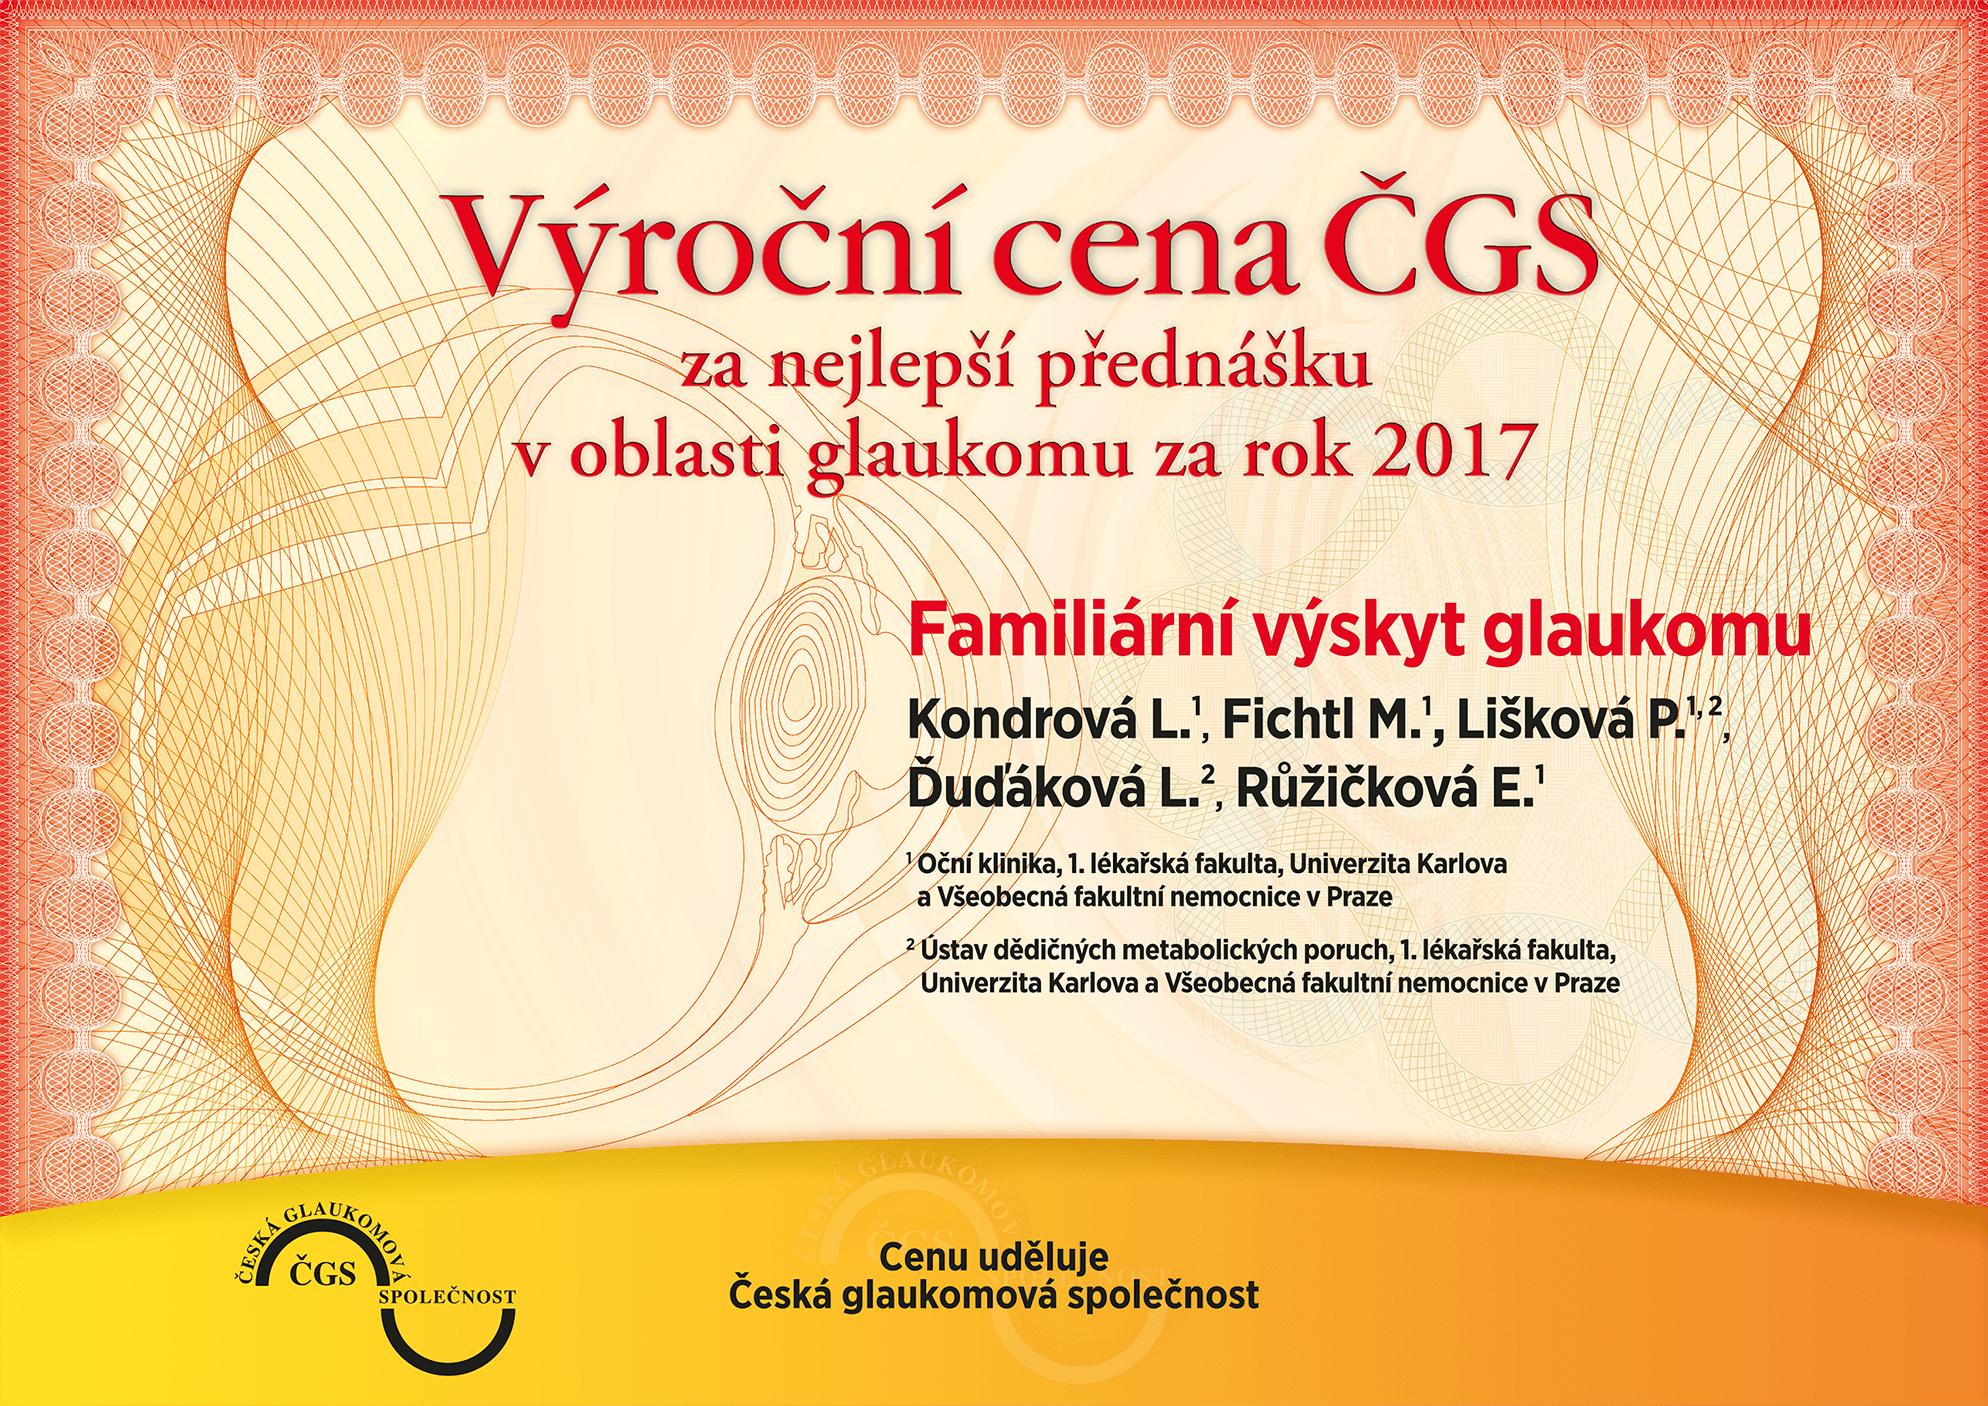 Výroční cena ČGS